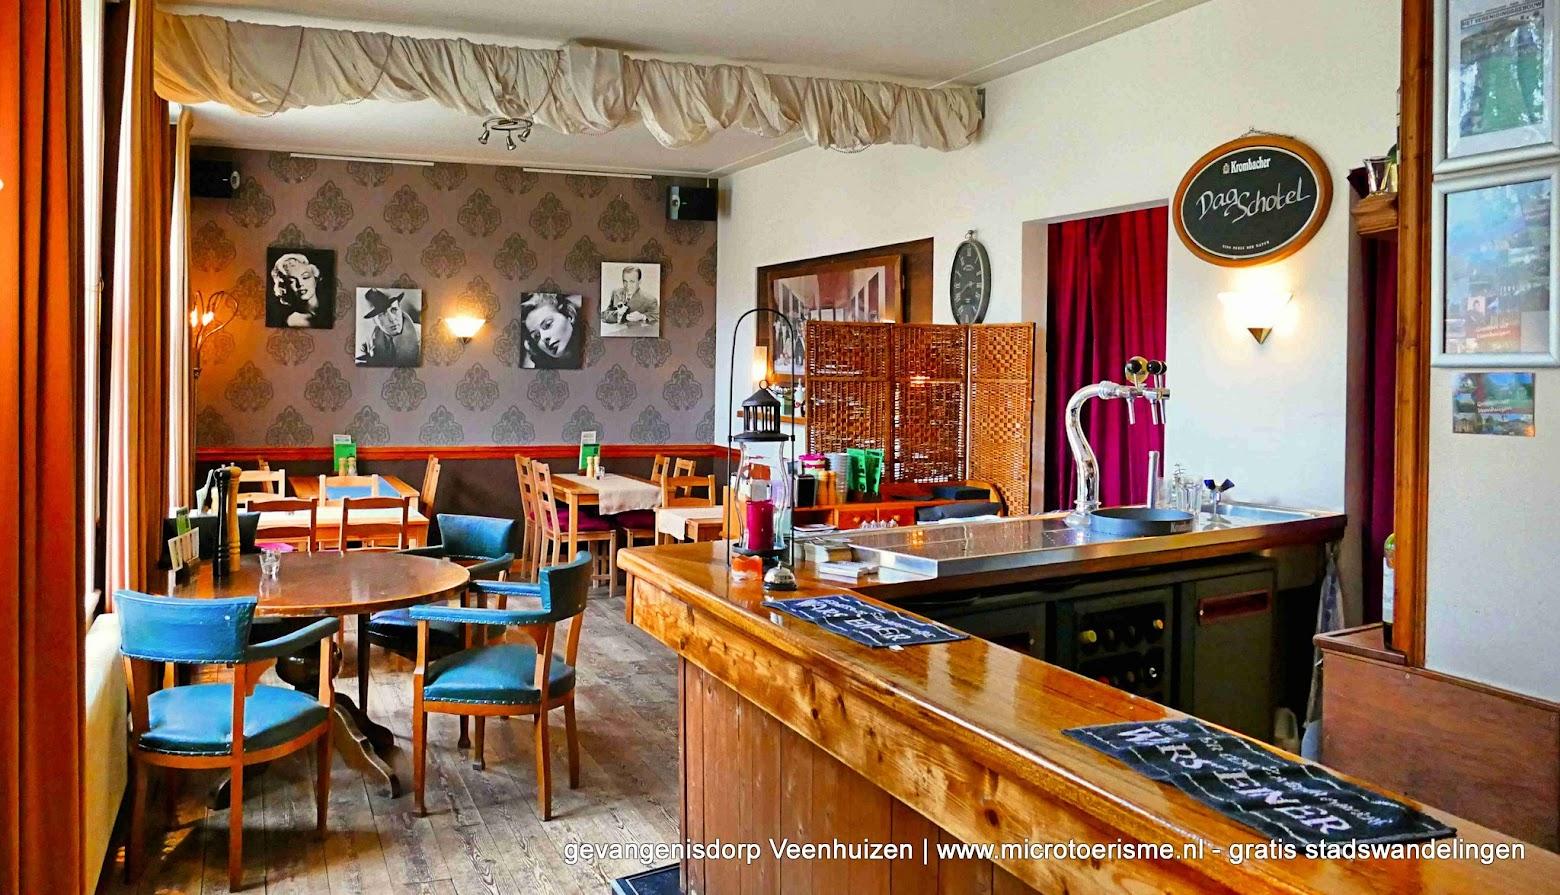 Aangeboden door: Stichting Microtoerisme InZicht Fotoblog Veenhuizen Verenigingsgebouw